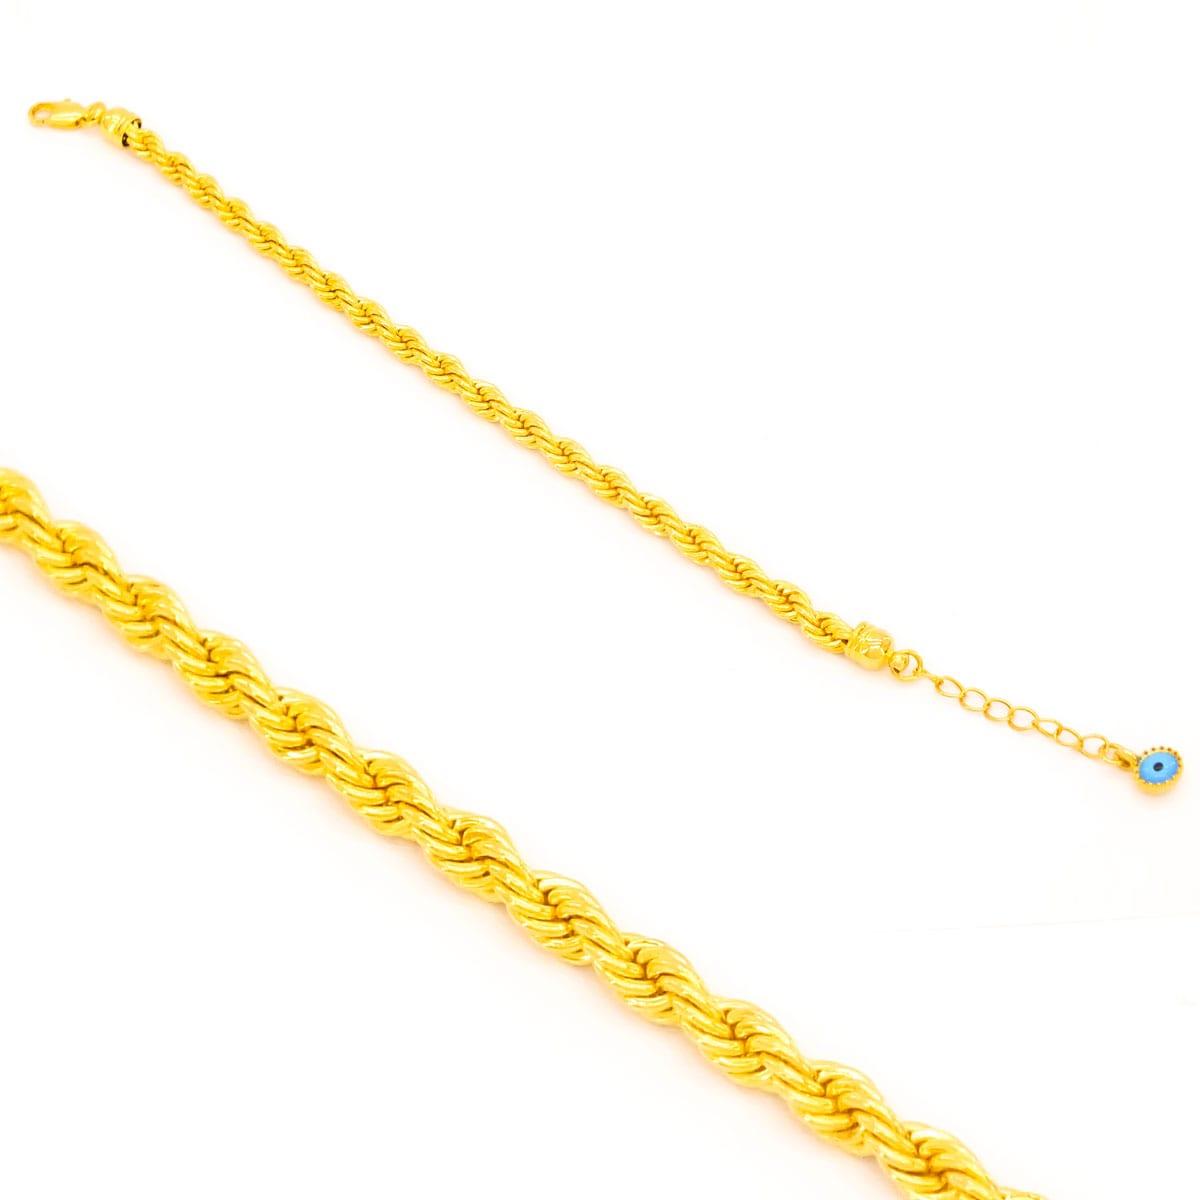 18 Ayar Altın Kaplama Nazar Boncuklu Burgu Zincir Bileklik 18cm-23.5cm Boy BLK-324